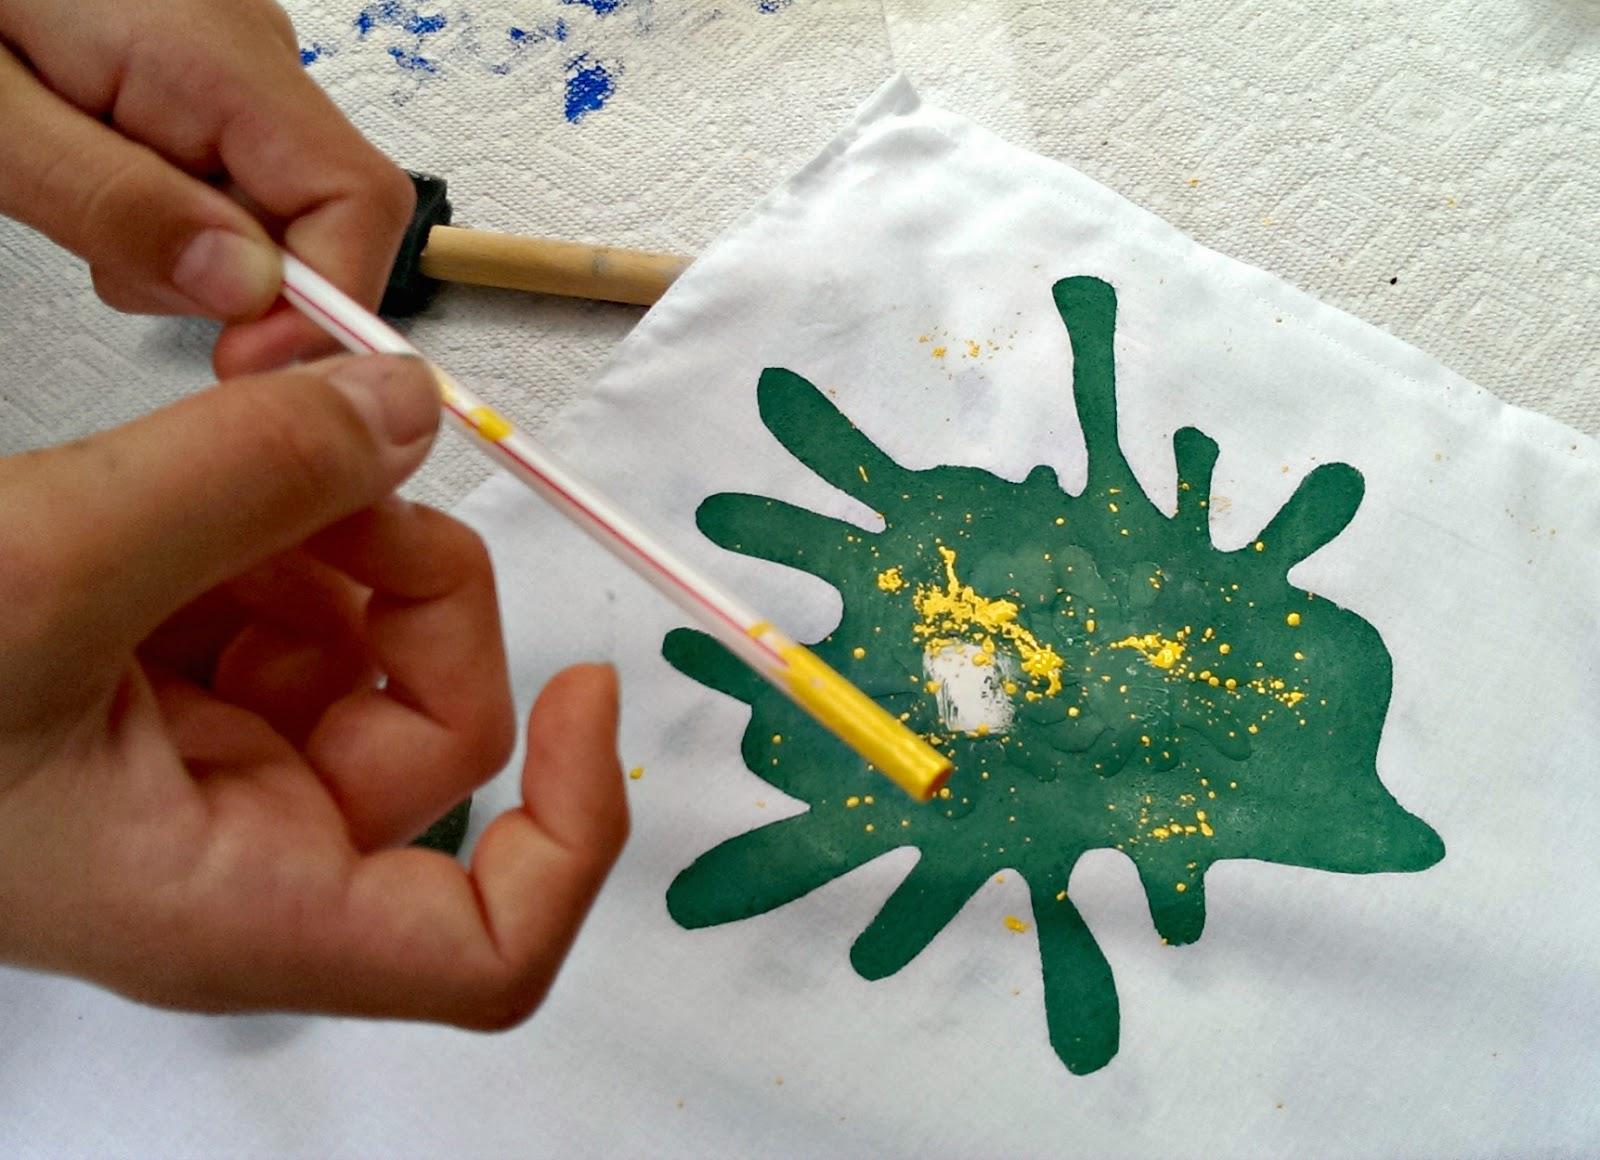 Mickey paintball bandana how-to